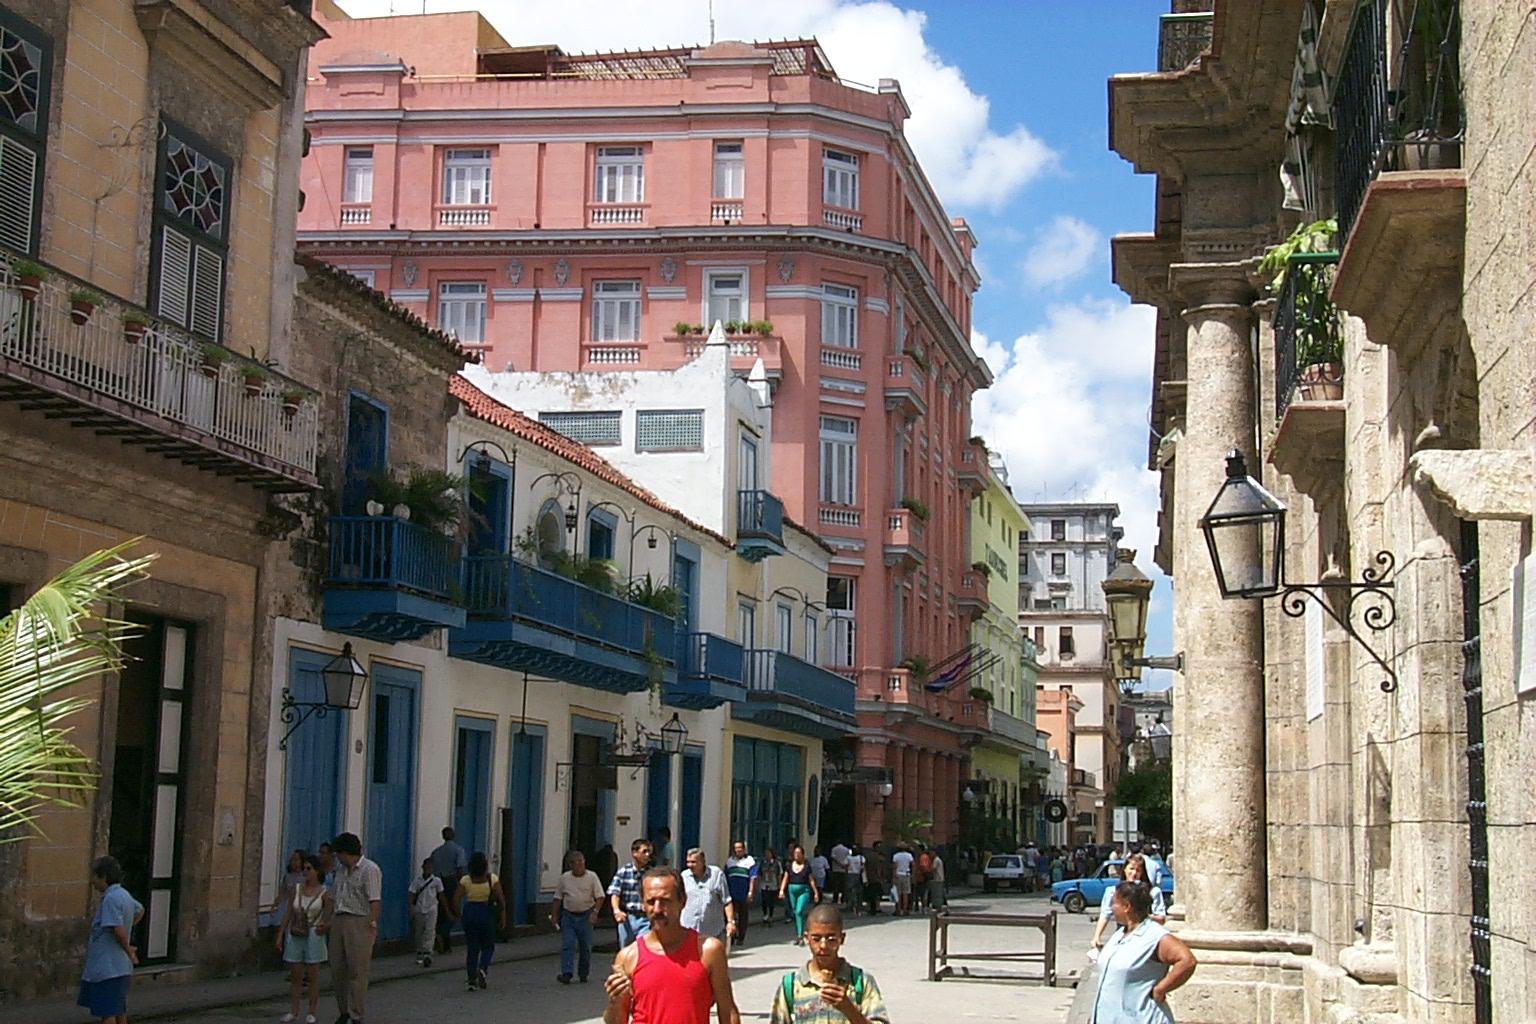 Top 10 străzi mici şi încântătoare care trebuie vizitate